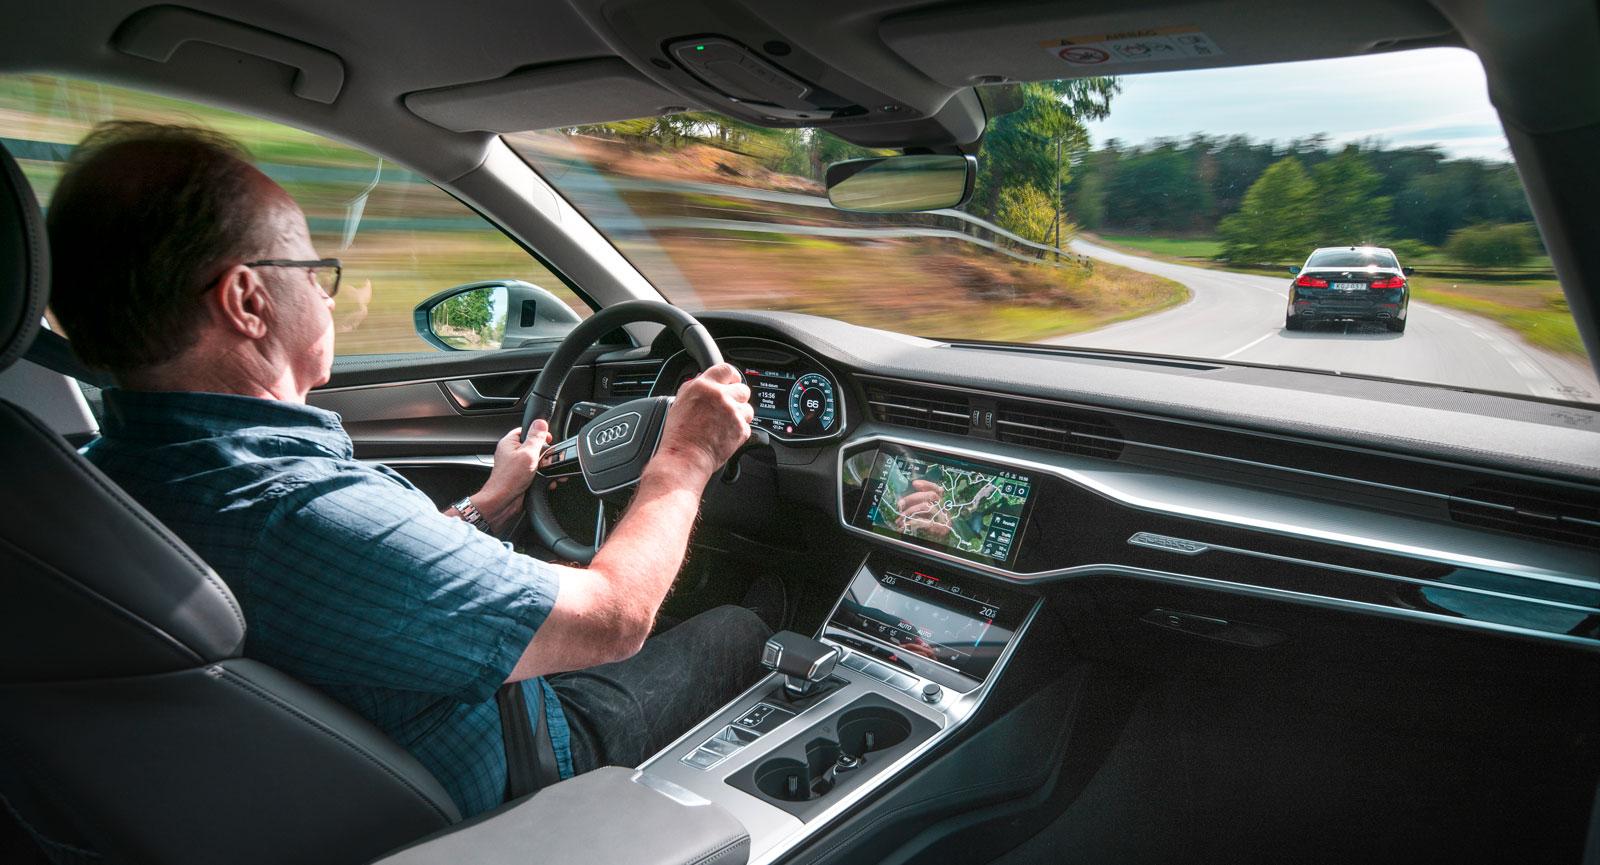 Audis design i kupé och kring förarplats ger ett avskalat intryck, trots att det finns närmast obegripligt många funktioner och finesser att utforska.